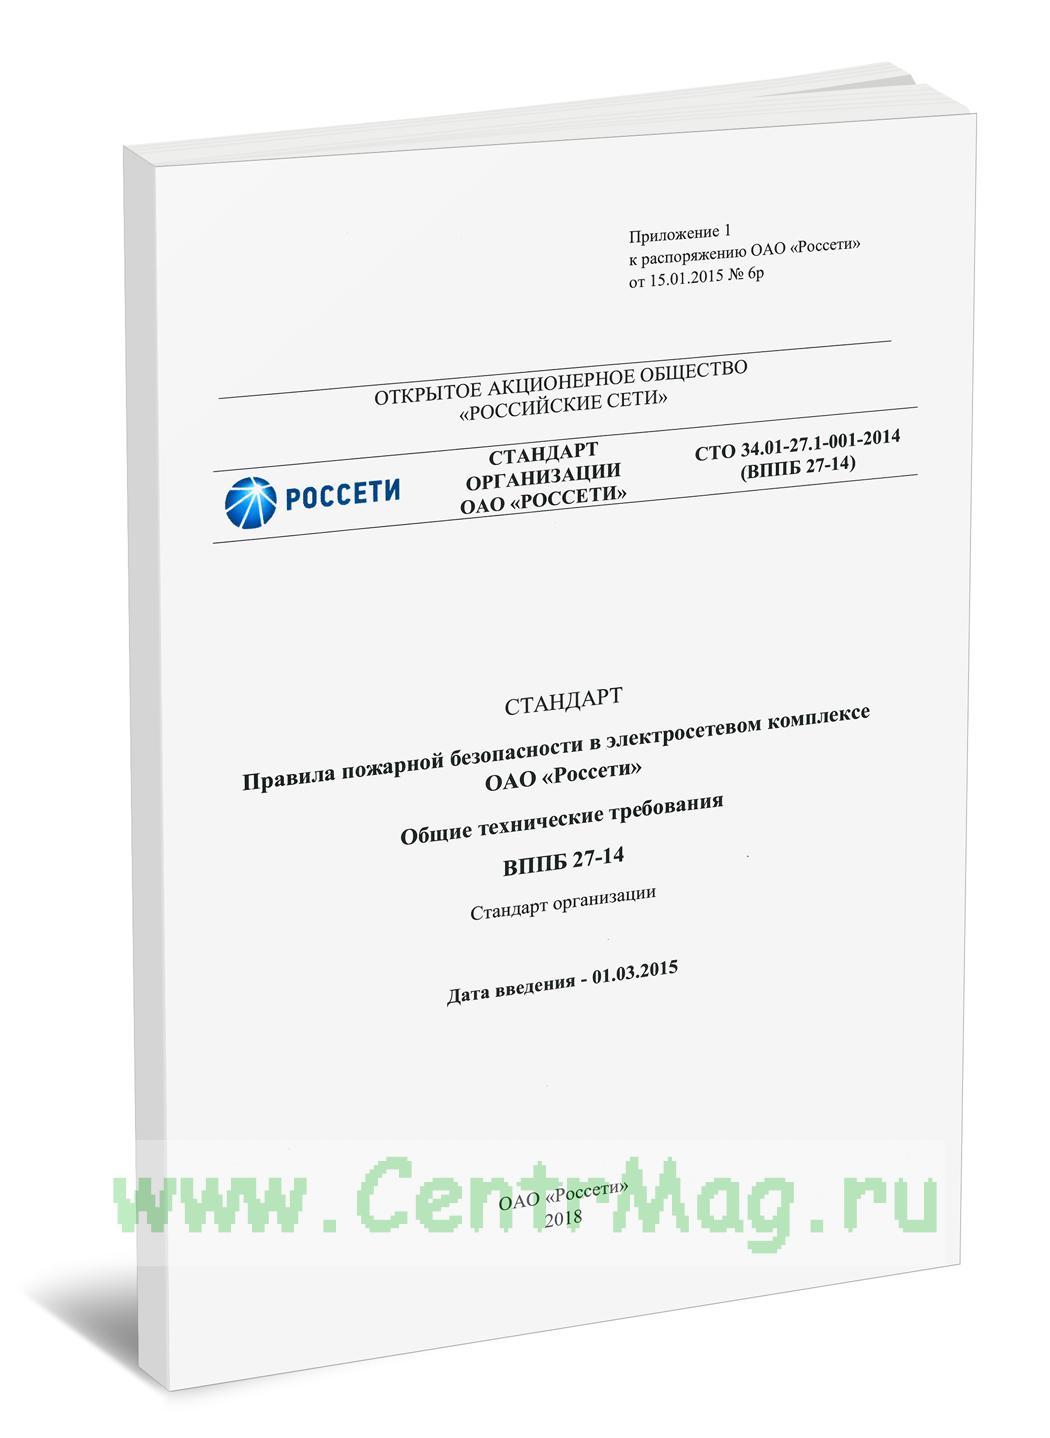 Правила пожарной безопасности в электросетевом комплексе ОАО